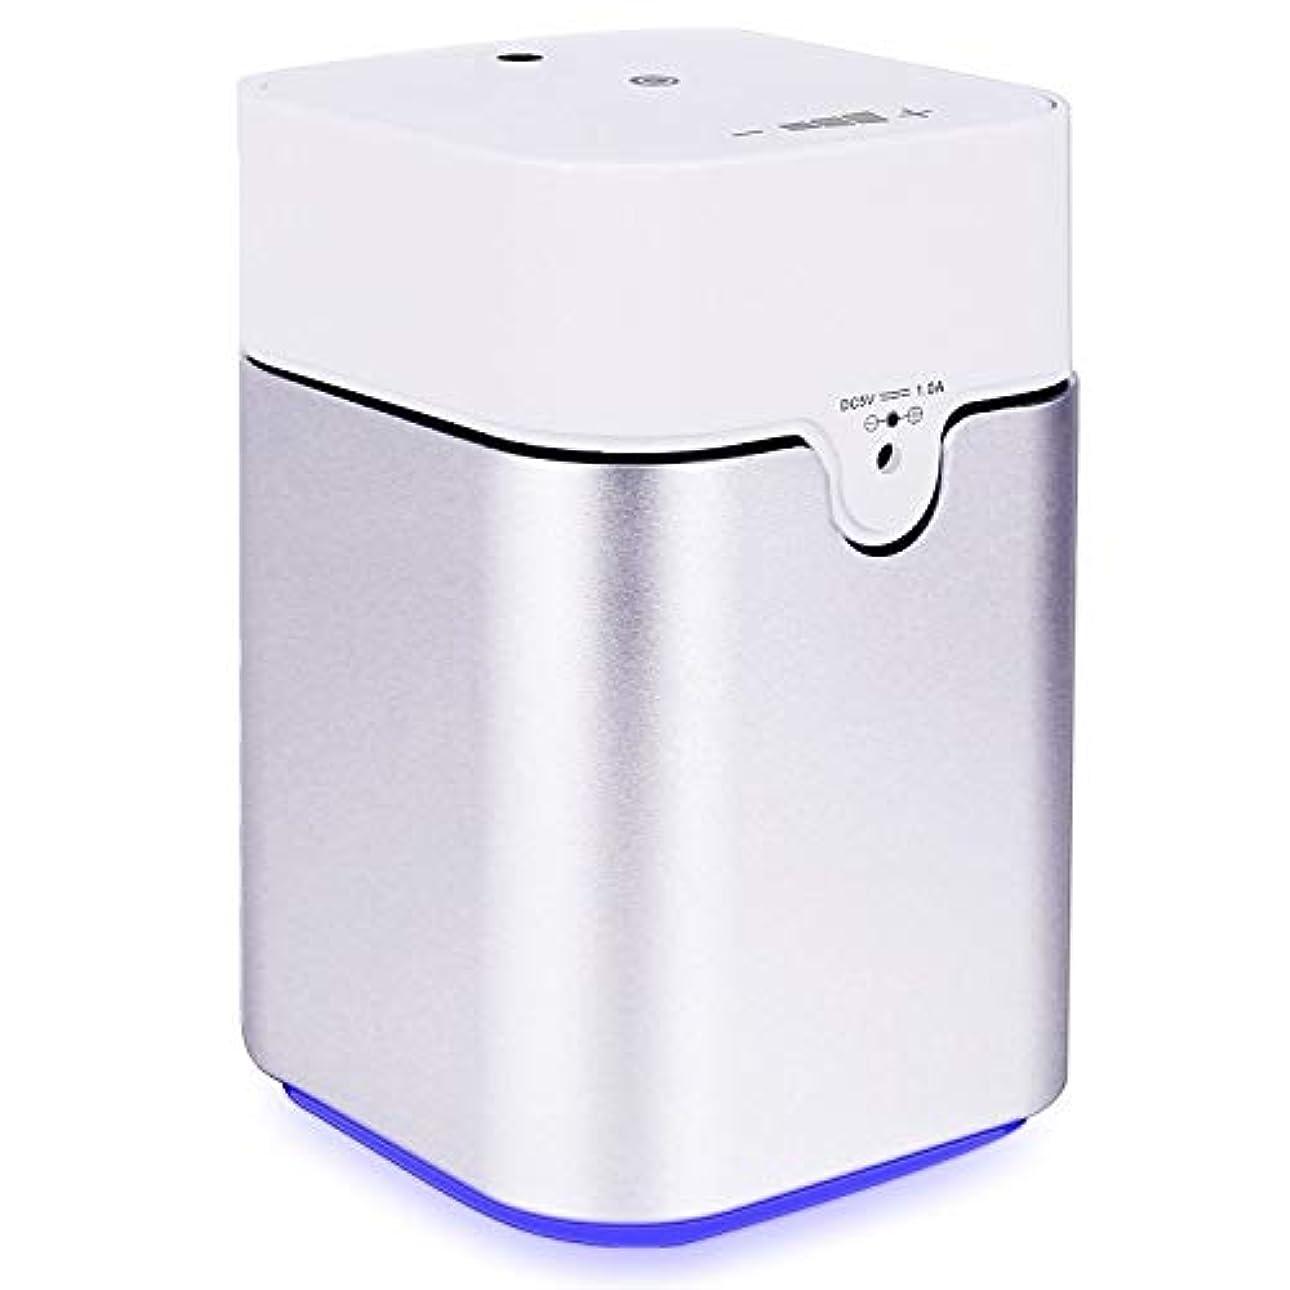 リーン学校の先生宮殿ENERG e's Pure アロマディフューザー ヨガ室 整体院人気 タイマー機能 ネブライザー式 量調整可能 精油瓶3個付き T11-ENS082